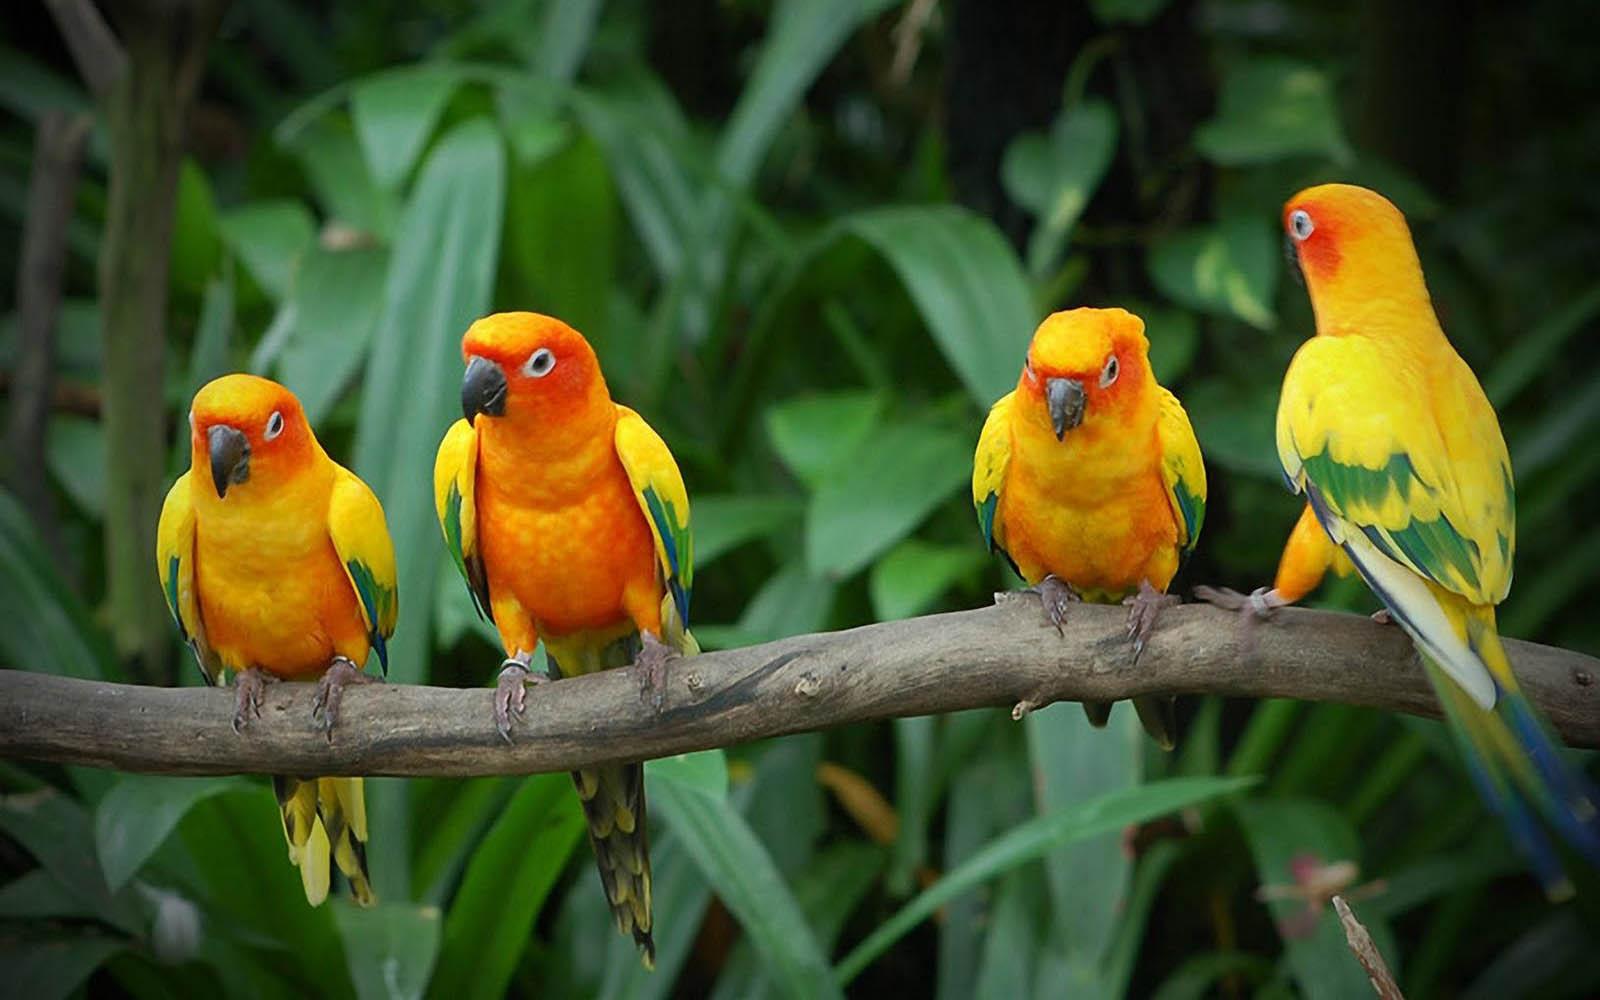 wallpapers Love Birds Desktop Wallpapers 1600x1000